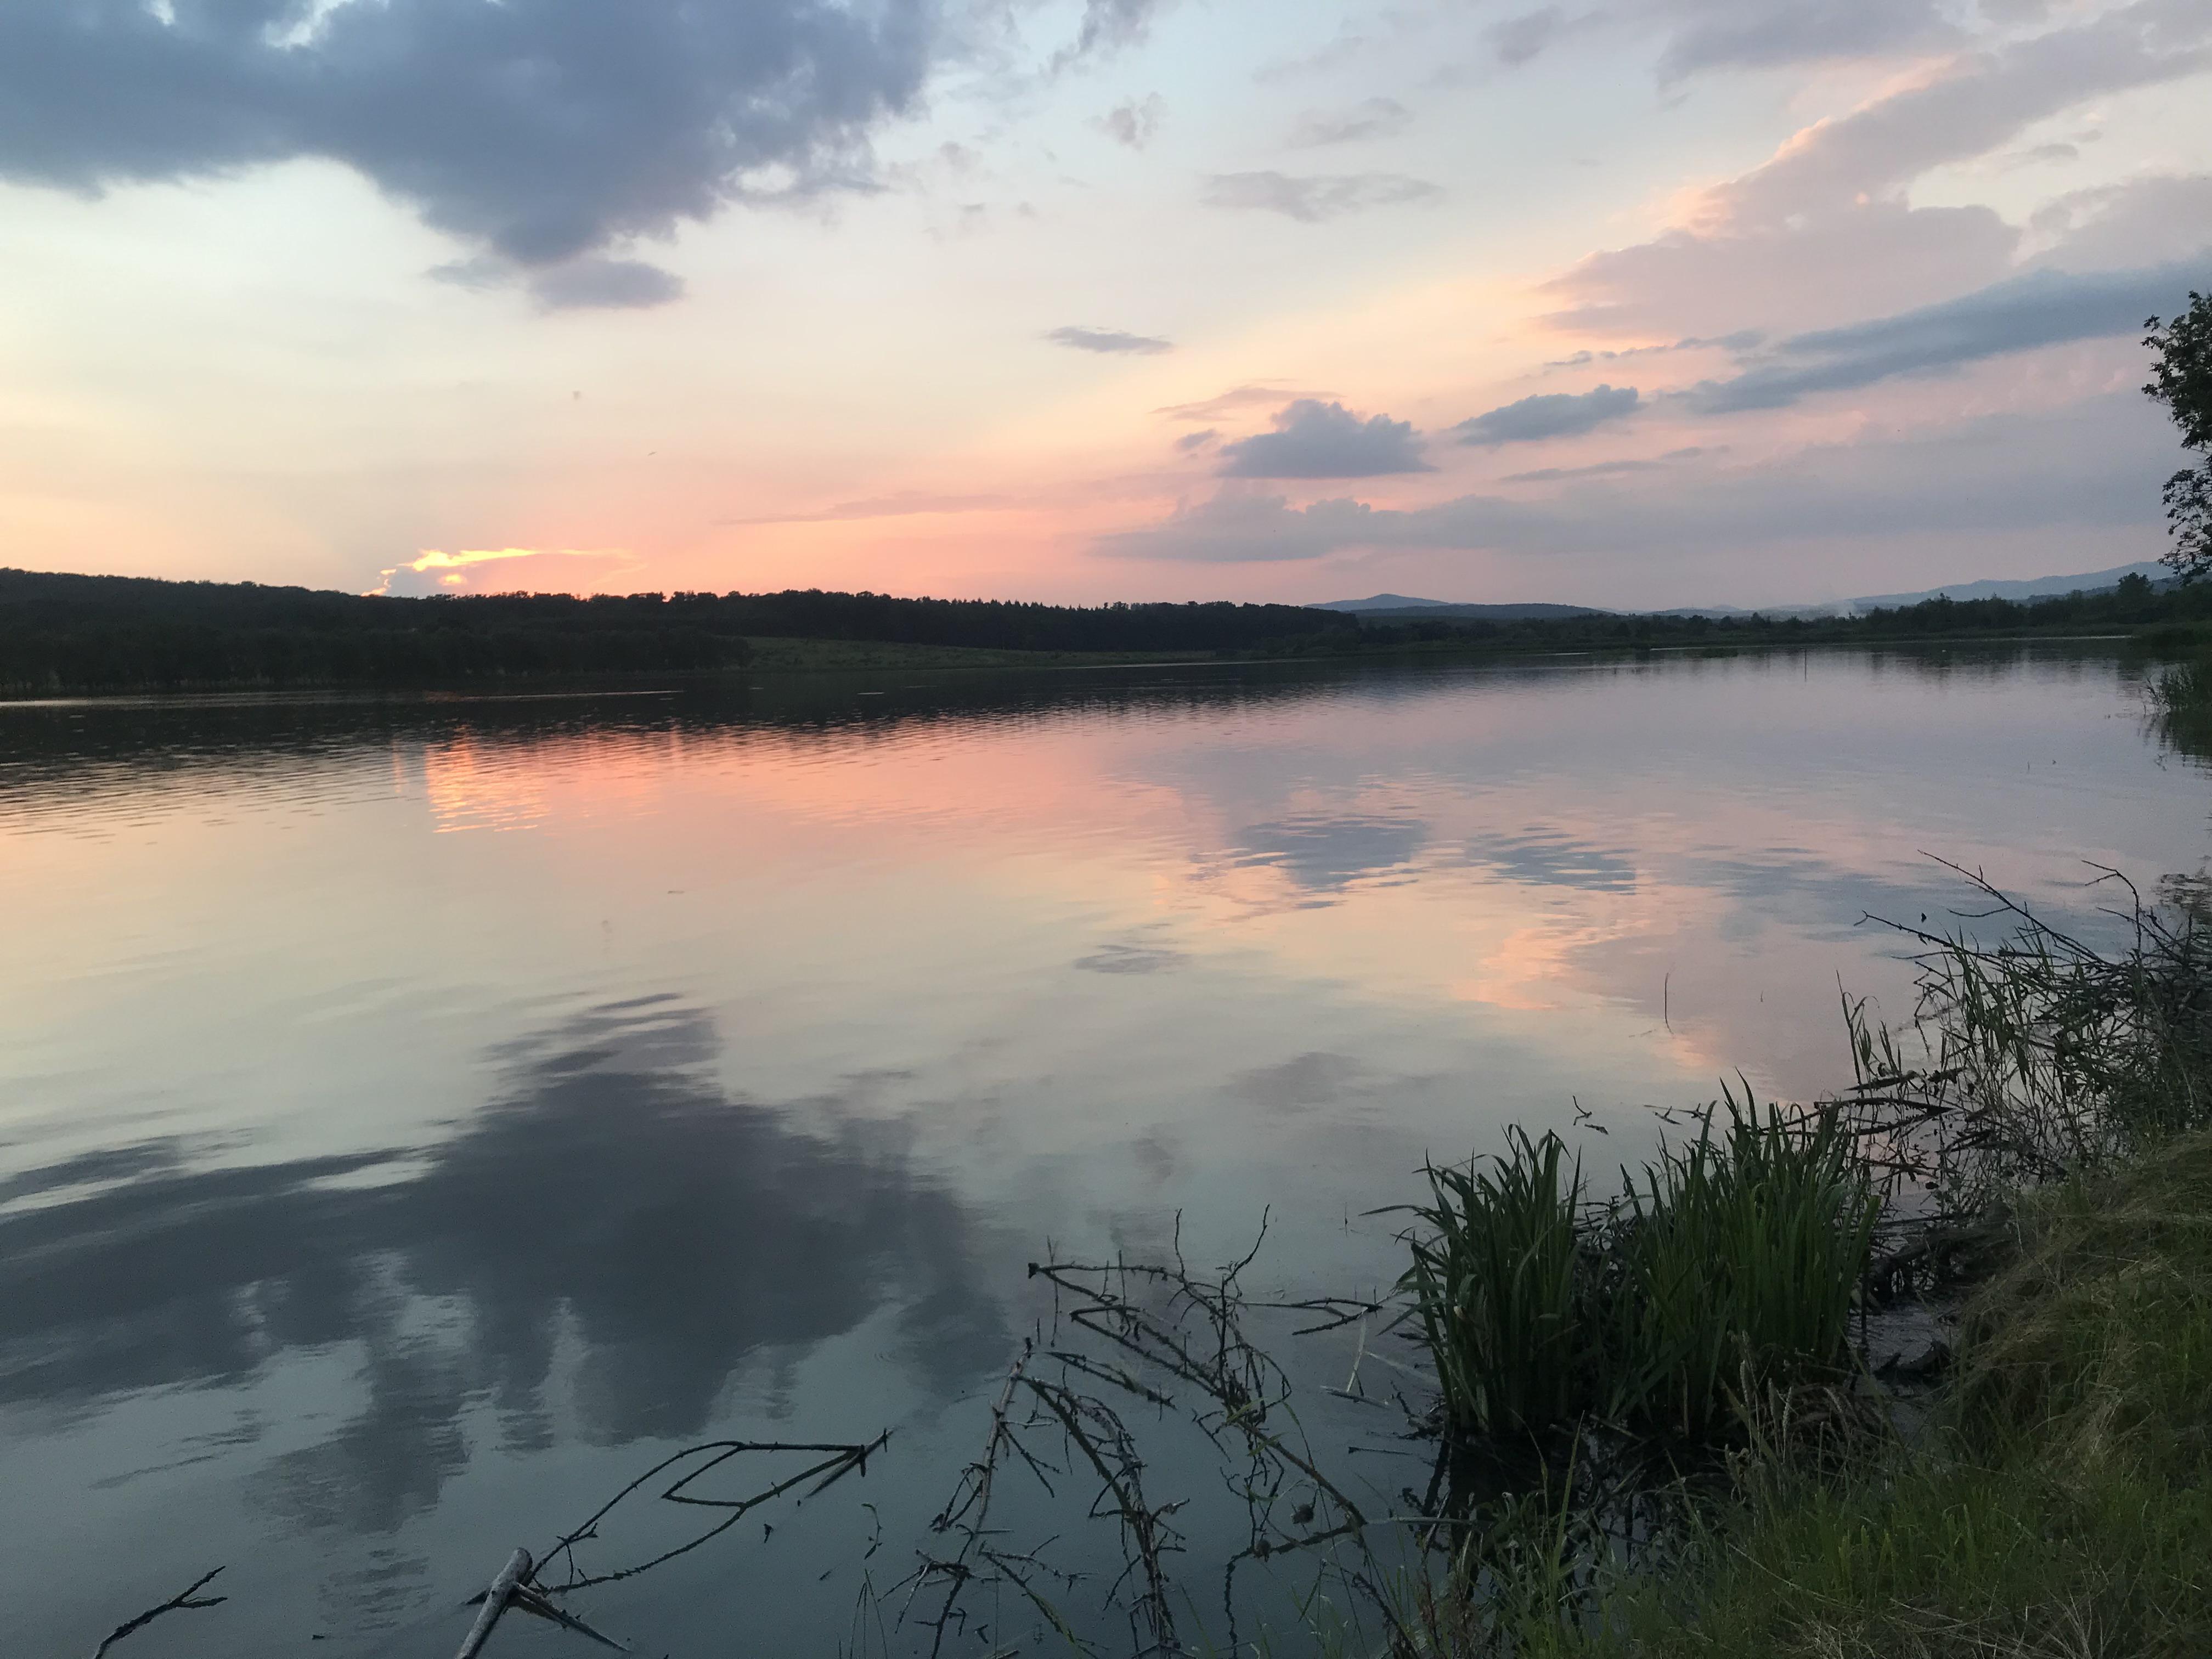 Sonnenuntergang spiegelt sich im See